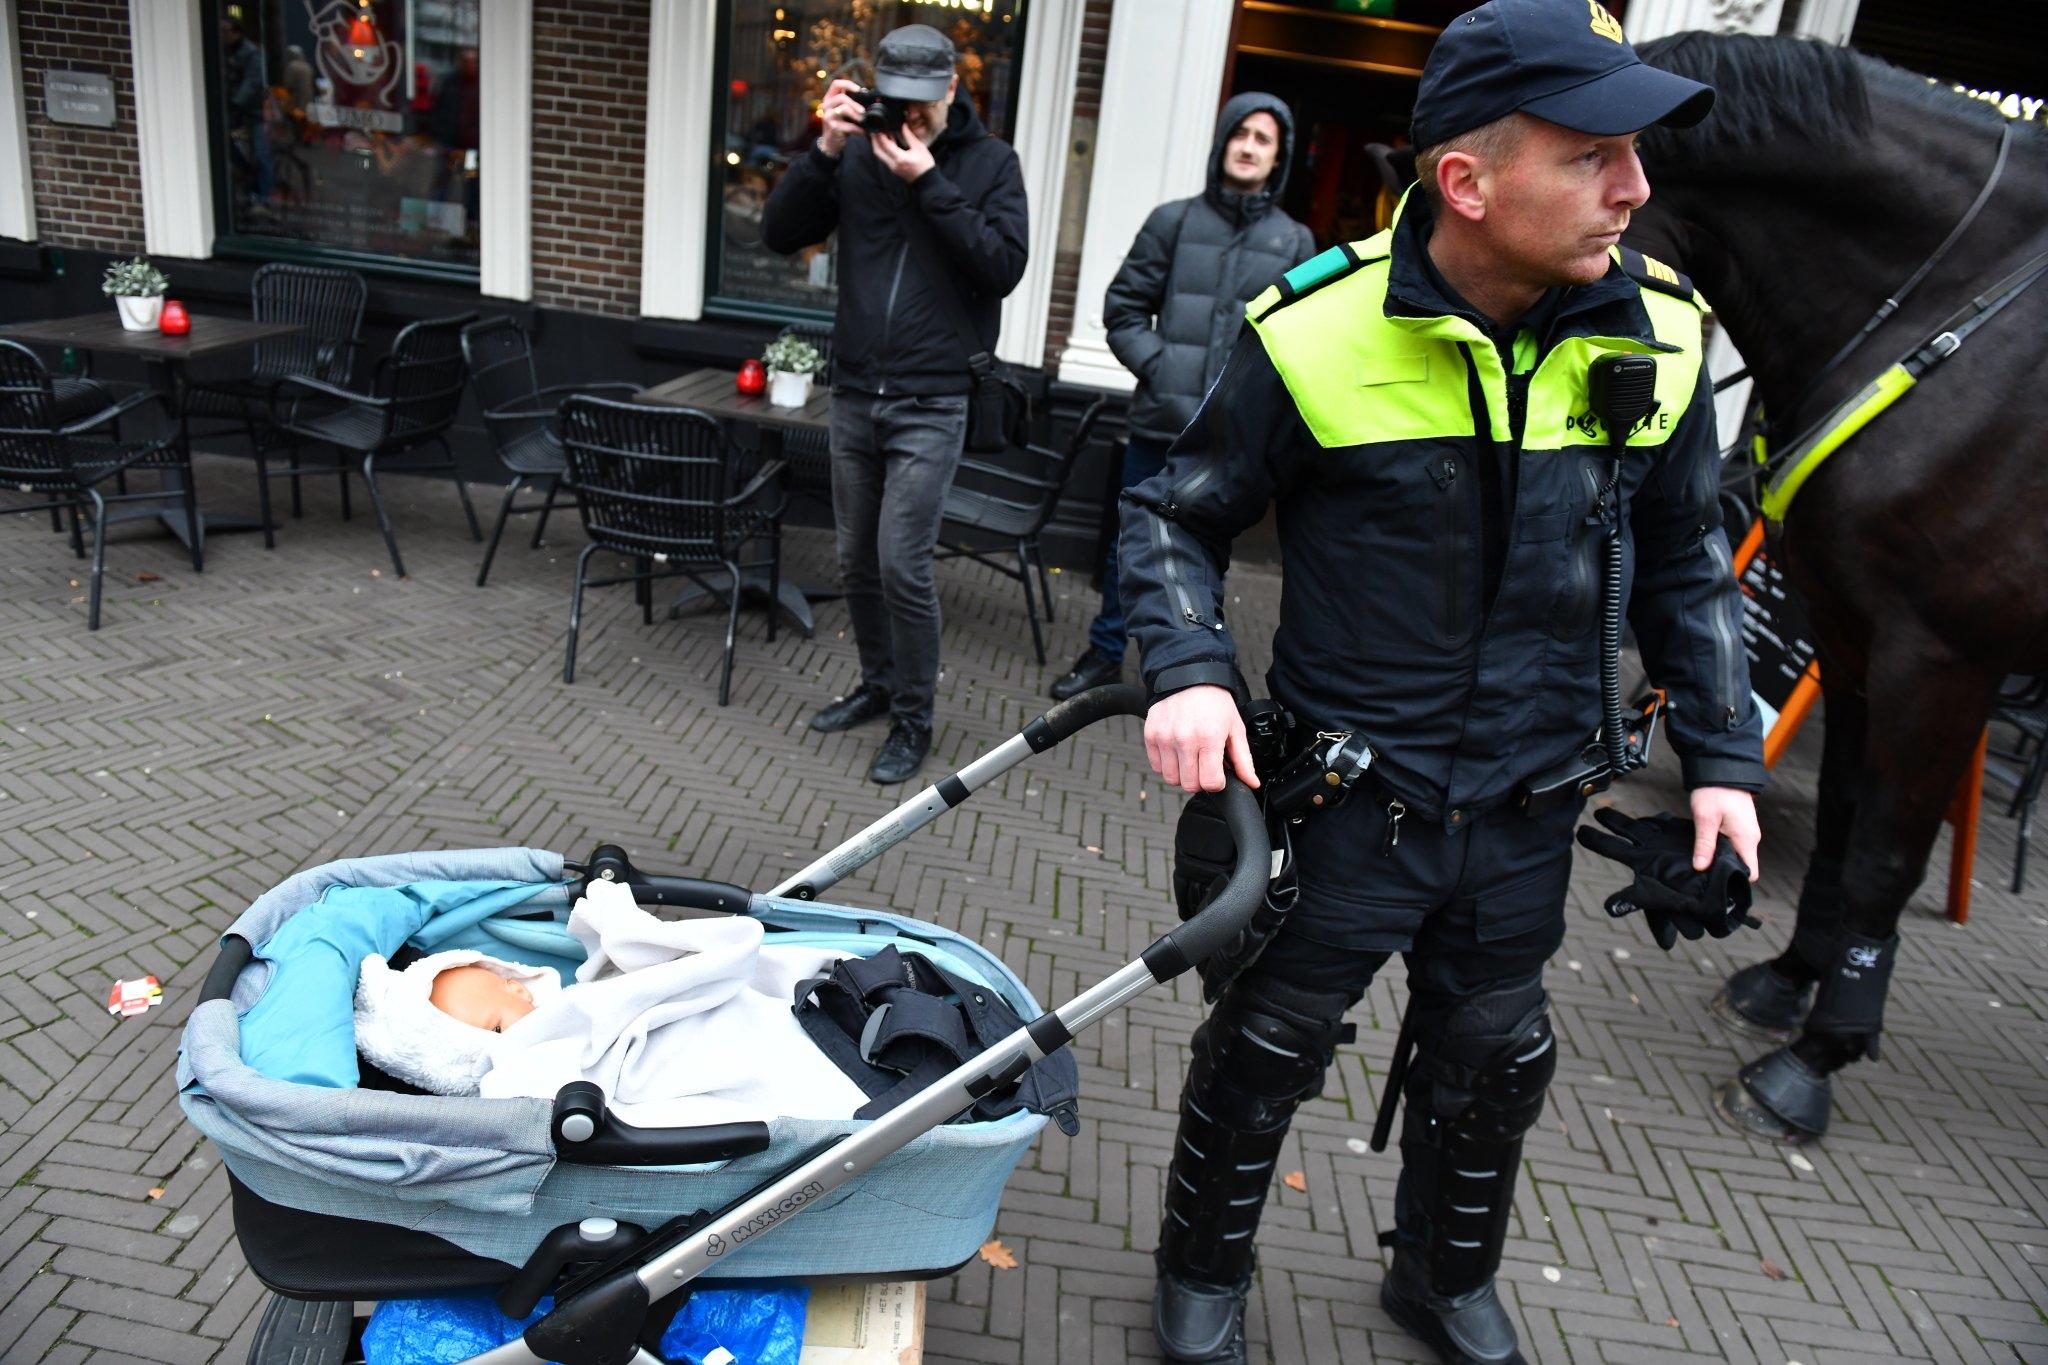 Gilet gialli, la vera storia della donna con il passeggino arrestata in Olanda foto 2